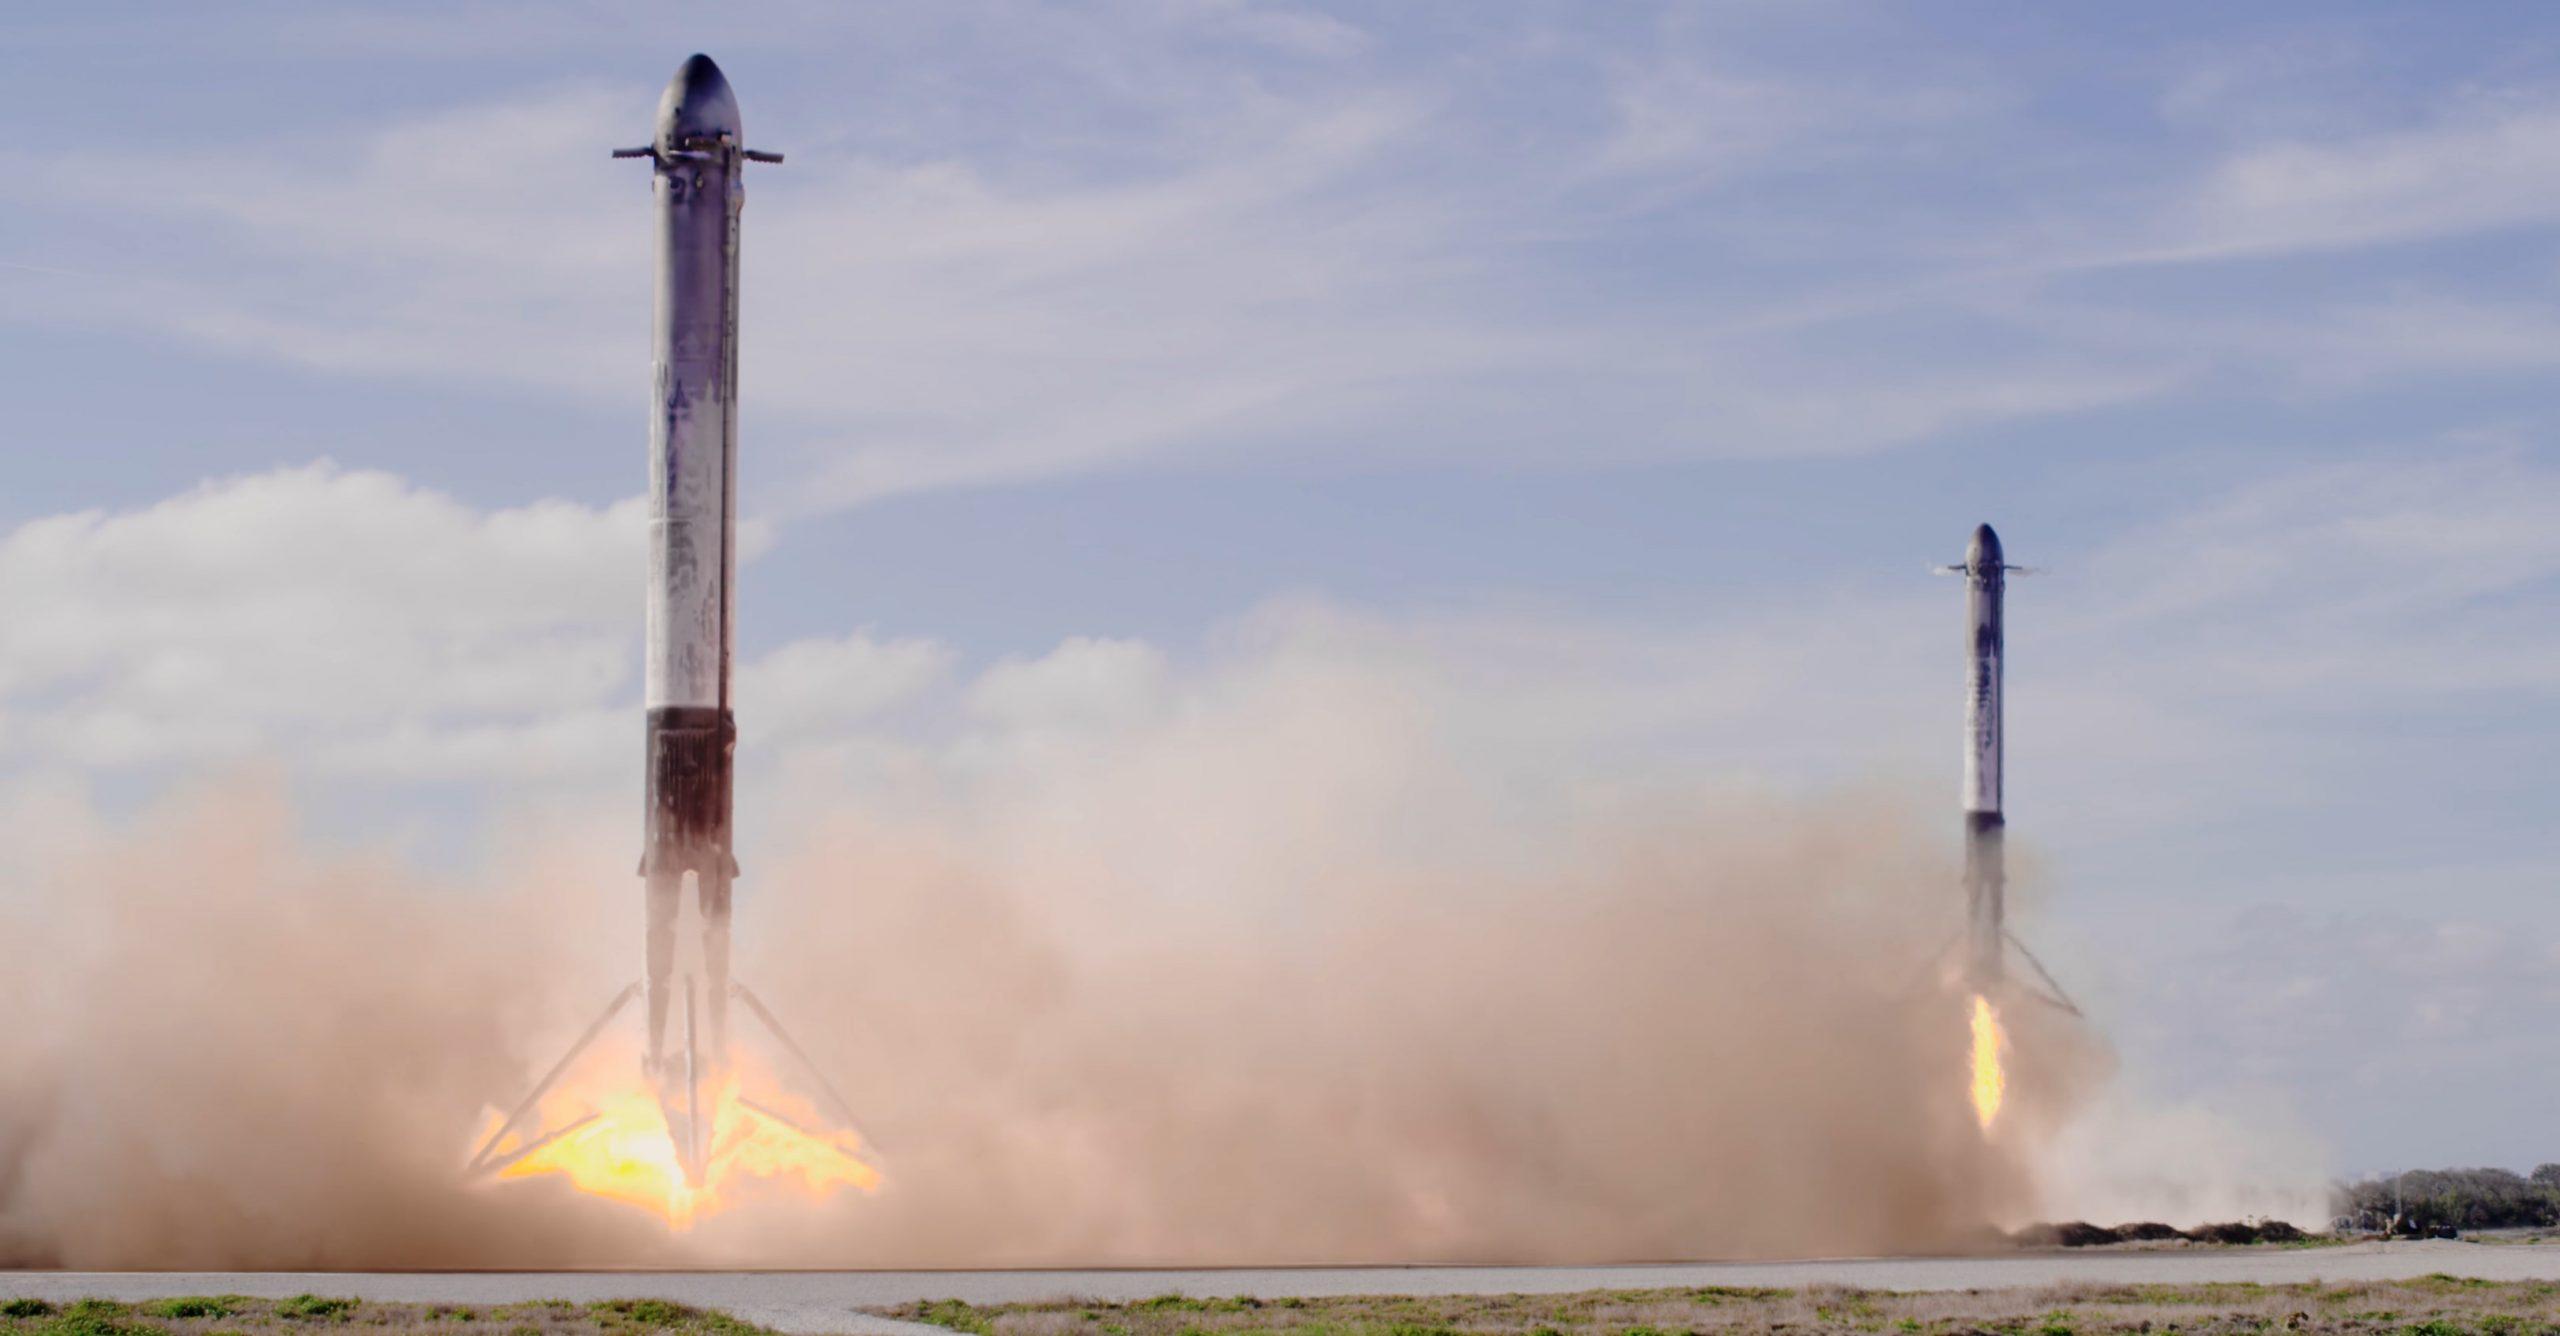 Falcon Heavy Demo Feb 2018 (SpaceX) 5